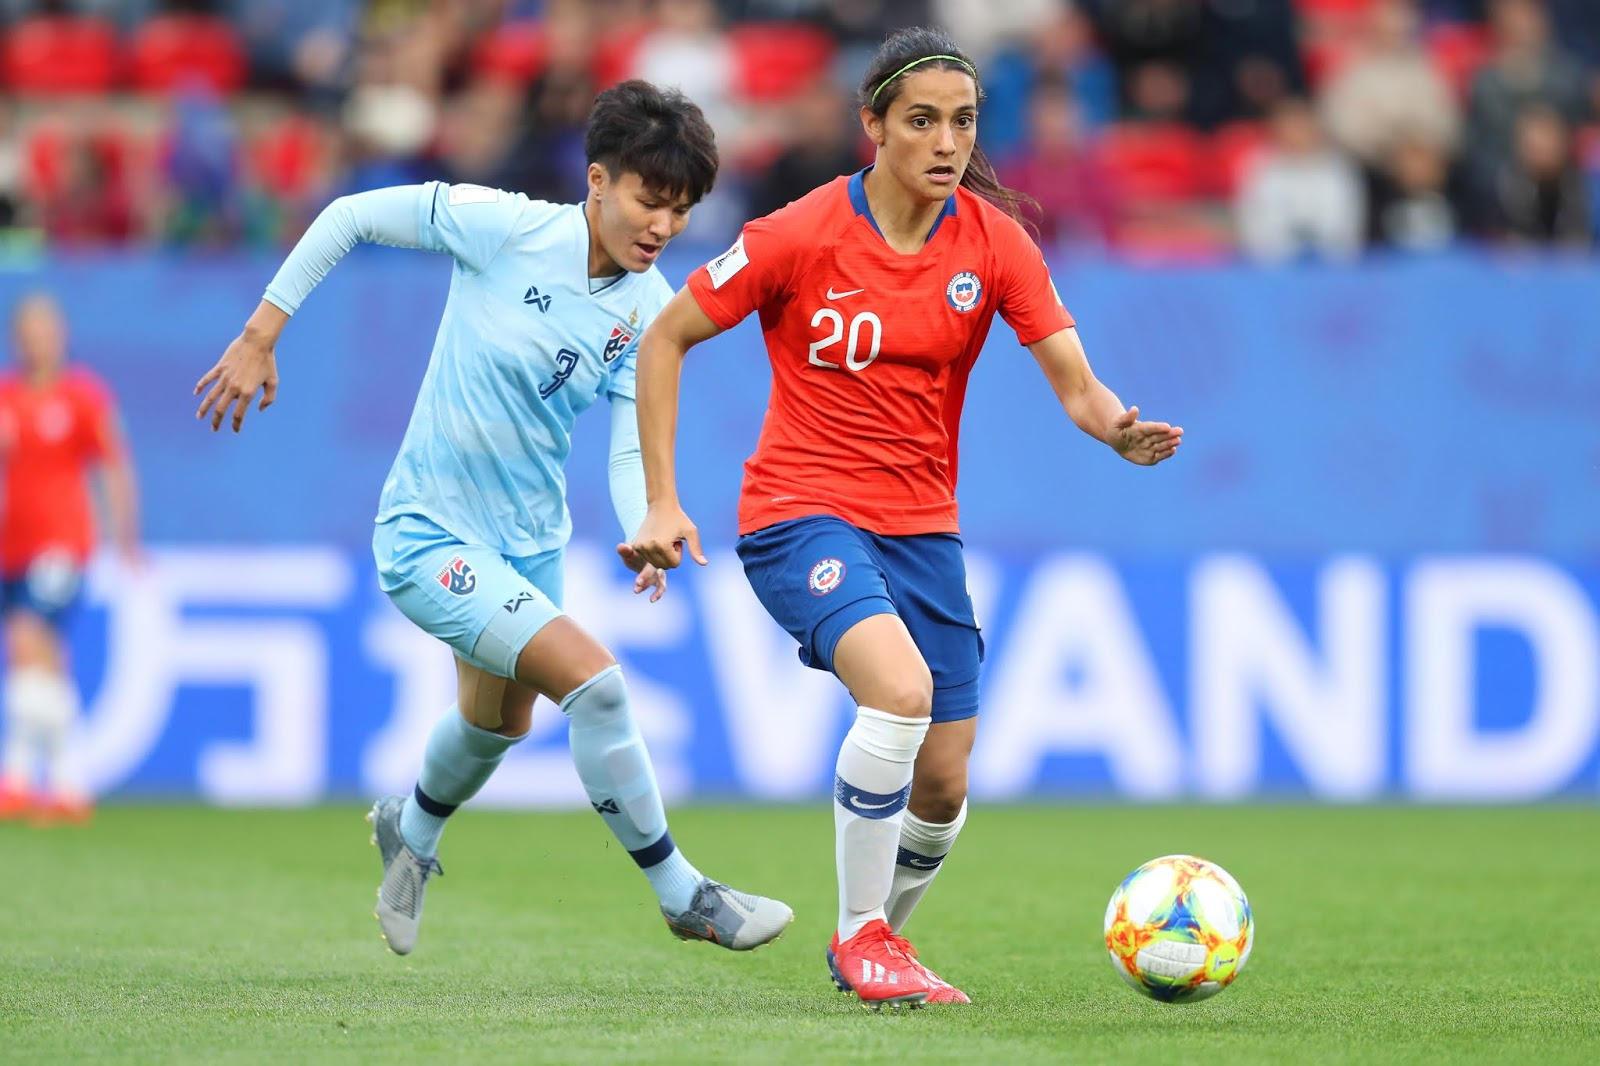 Tailandia y Chile en Copa Mundial Femenina de Fútbol Francia 2019, 20 de junio